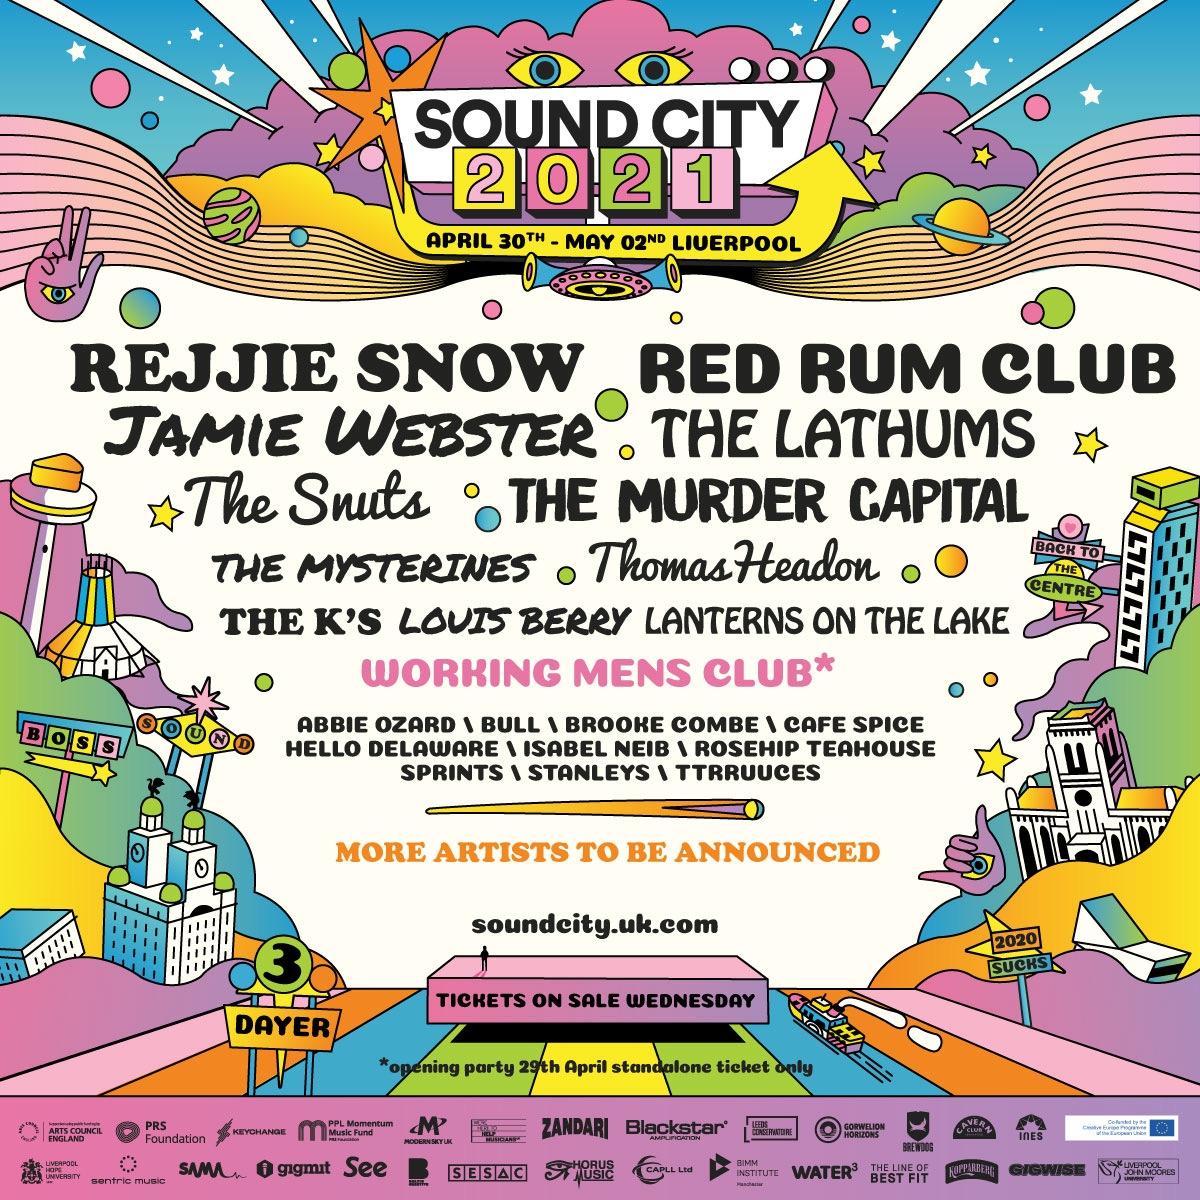 Sound City 2021 Announcement